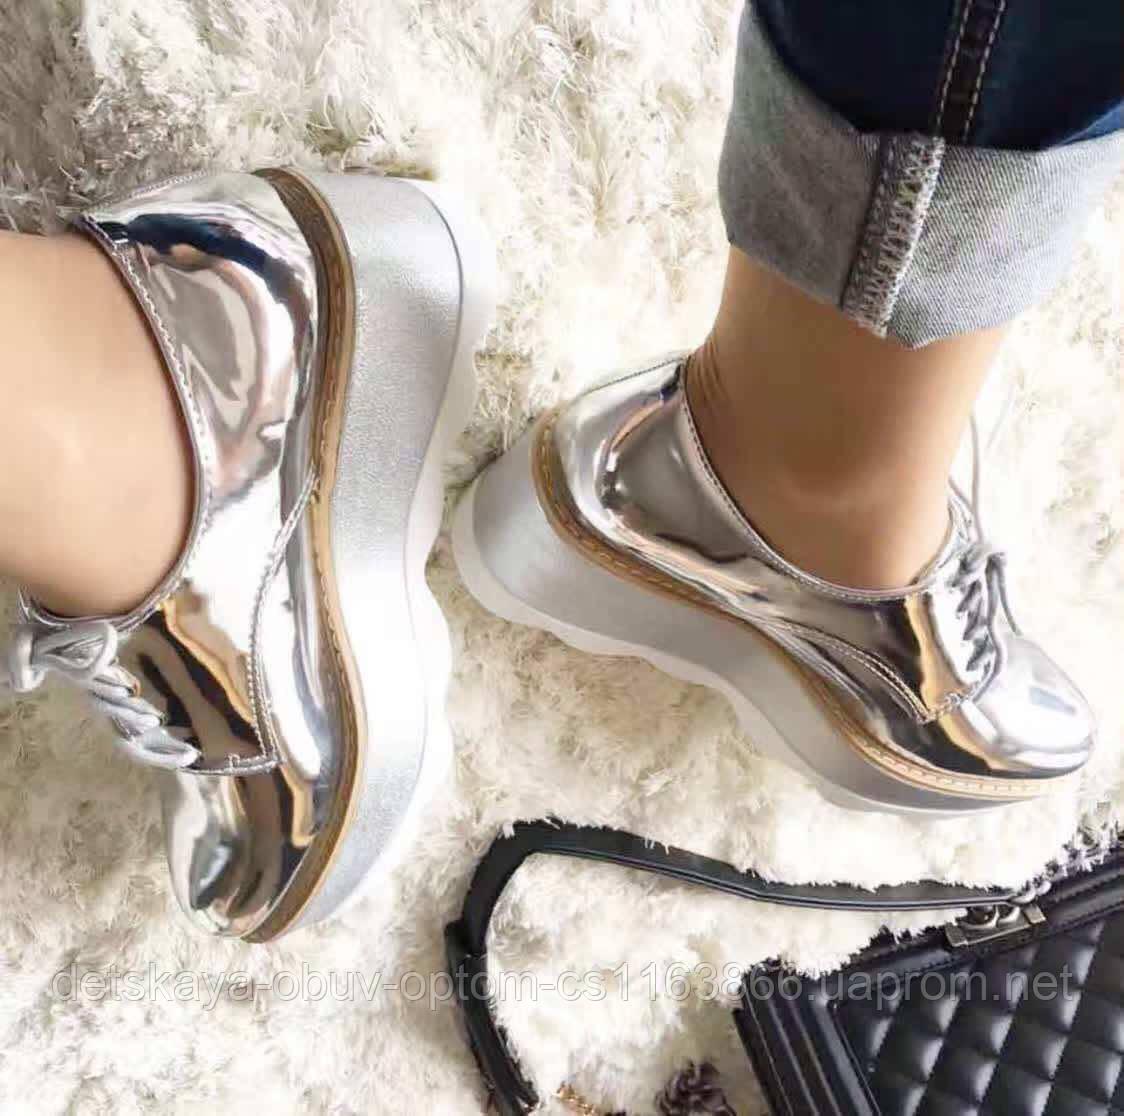 e8be9af4e Серебристые женские оксфорды туфли на толстой платформе Размеры 36-41 -  интернет-магазин ДЕТСКОЙ